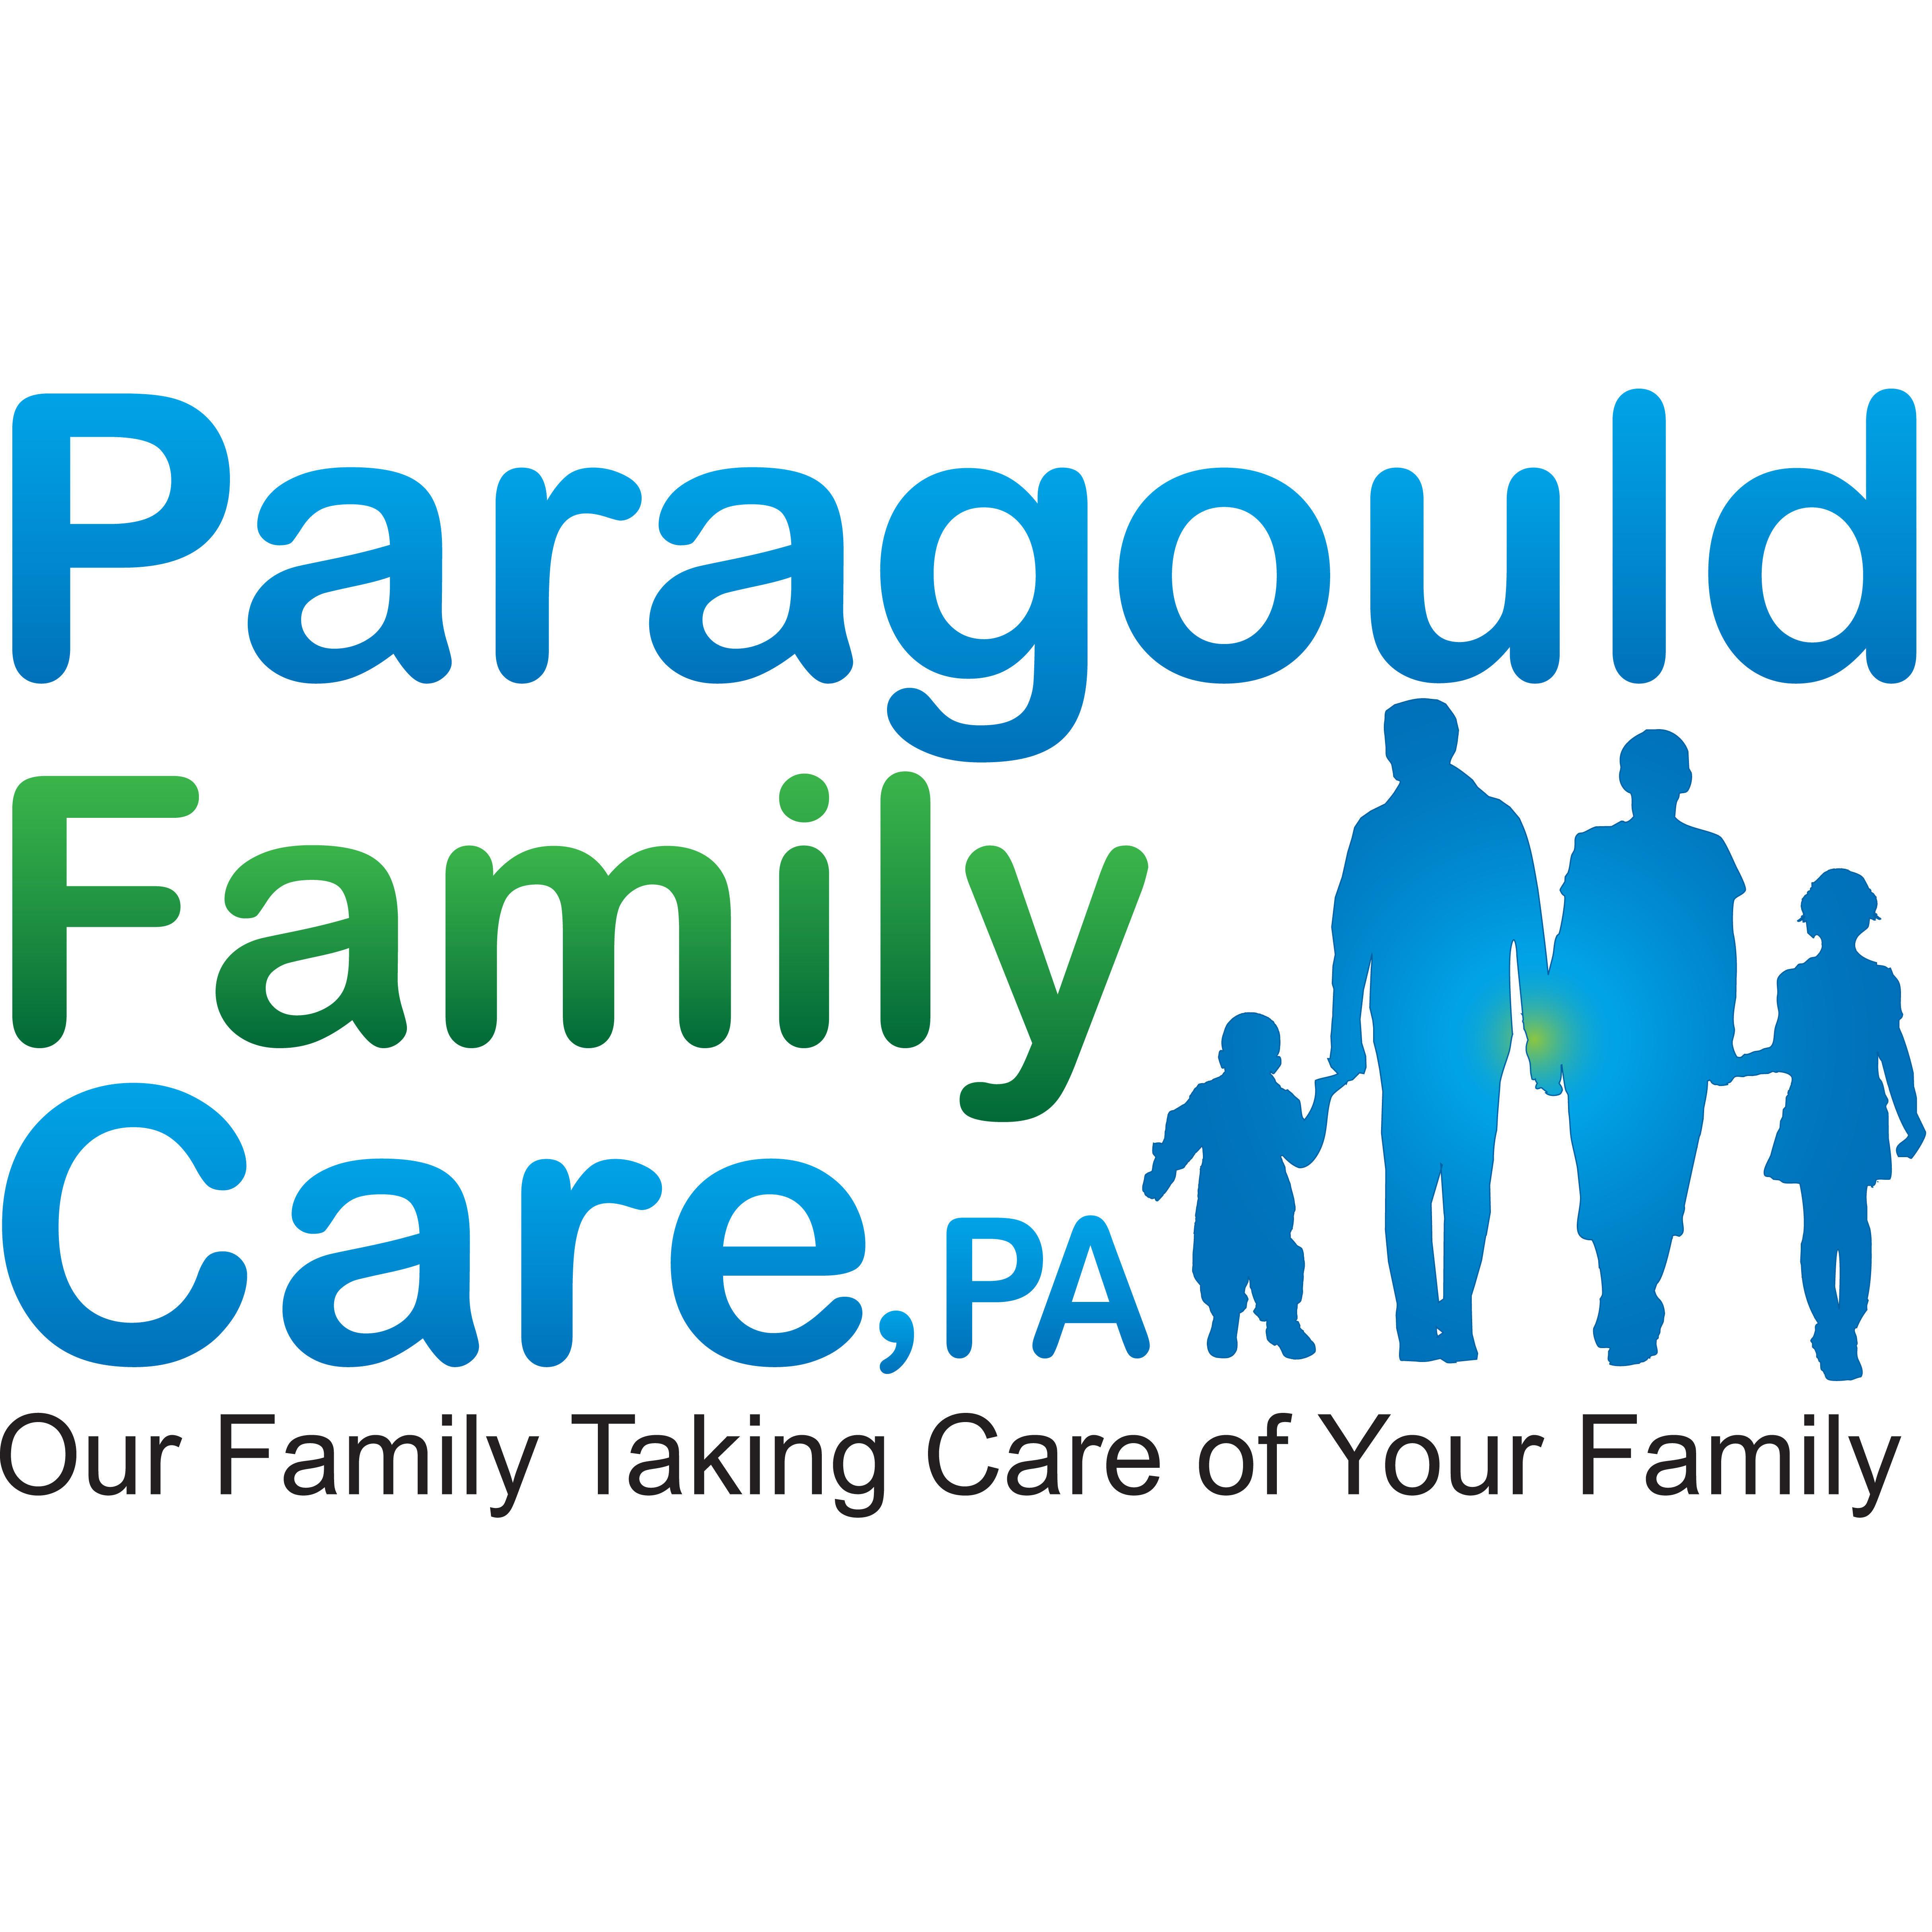 Paragould Family Care, Pa - Paragould, AR - Pediatrics